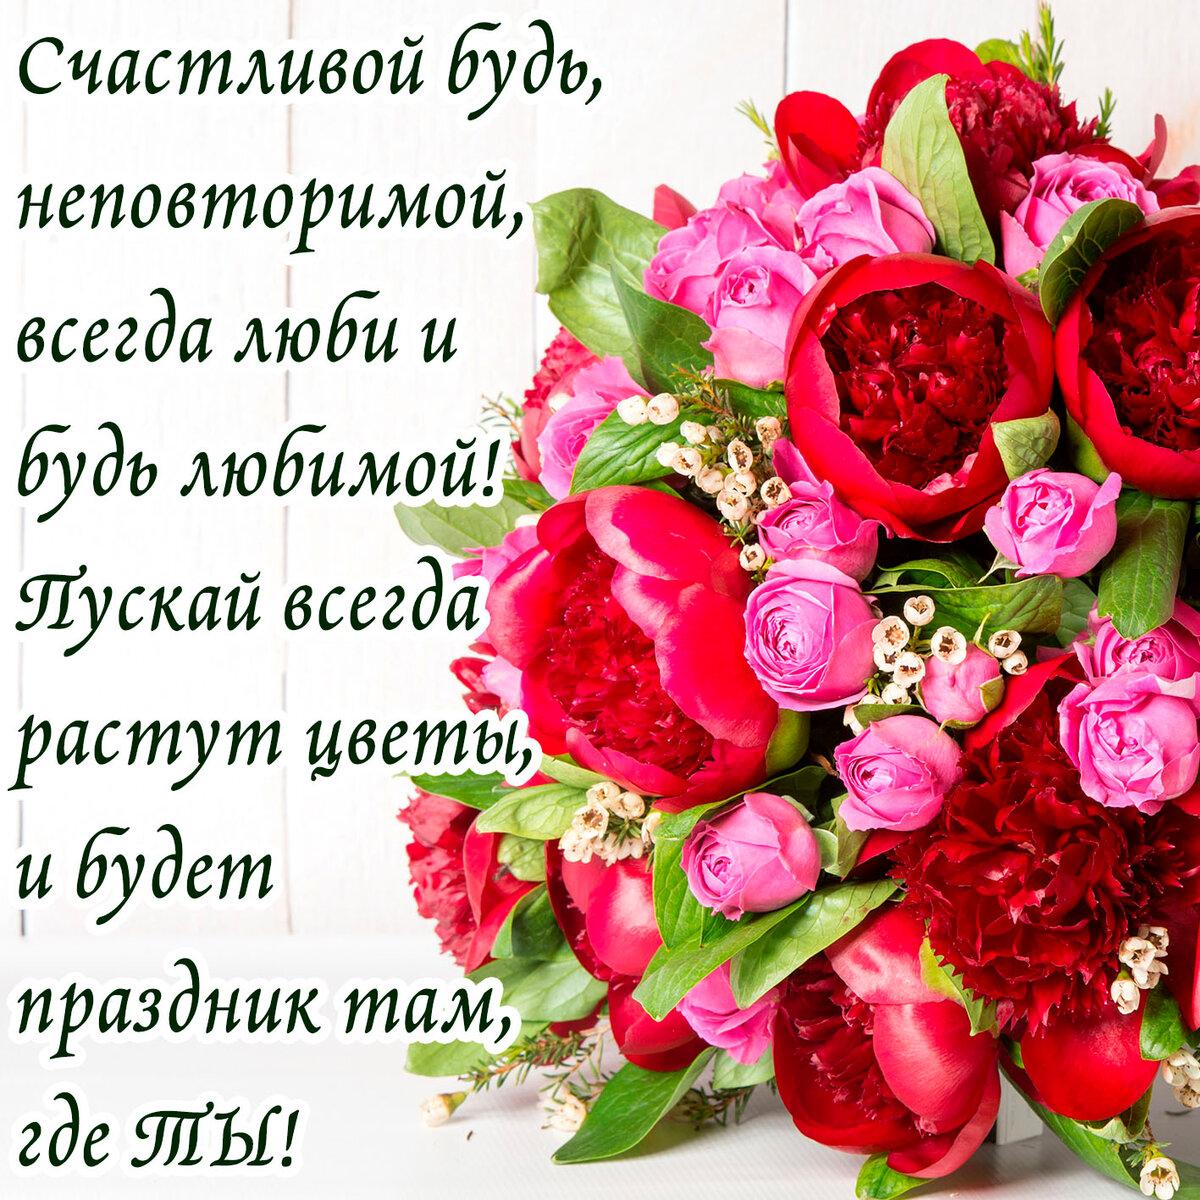 поздравления и пожелания любимой самое важное какие